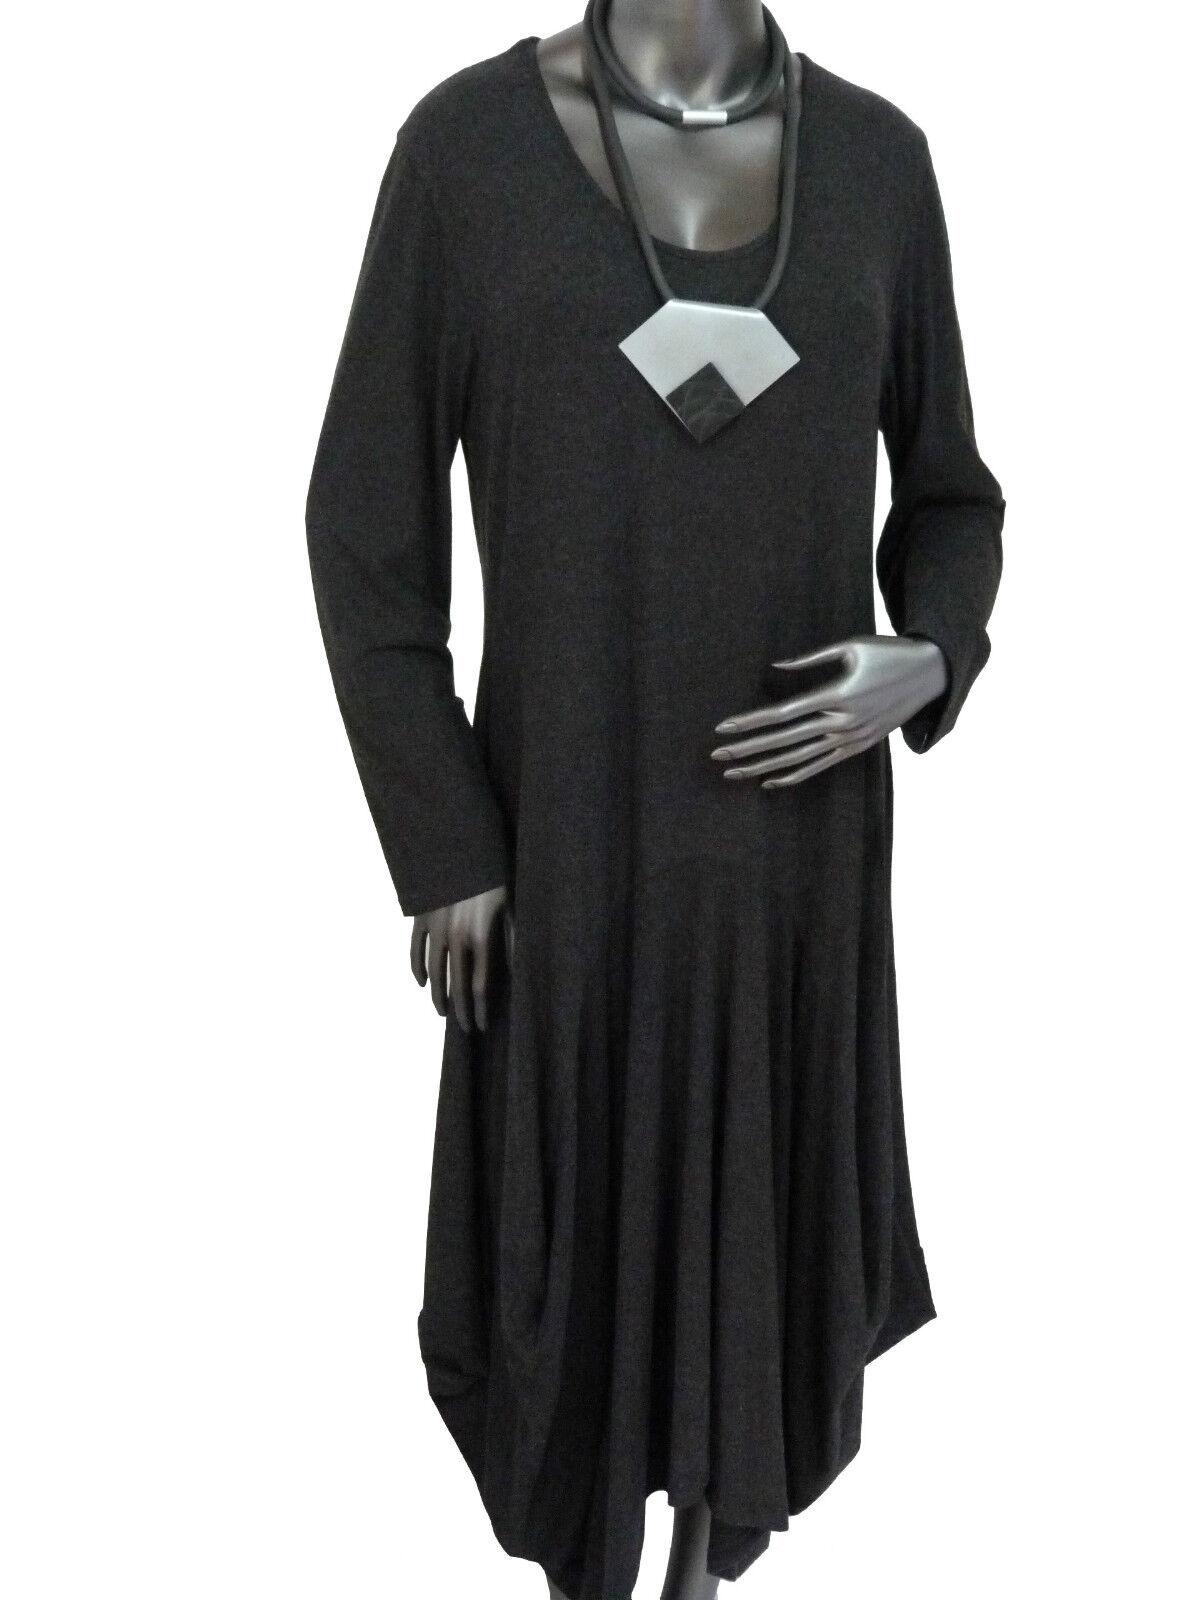 Gr.46 48 Edles Kleid Wollkleid Herbst- Winter Kleid elegant zeitlos  Anthrazit